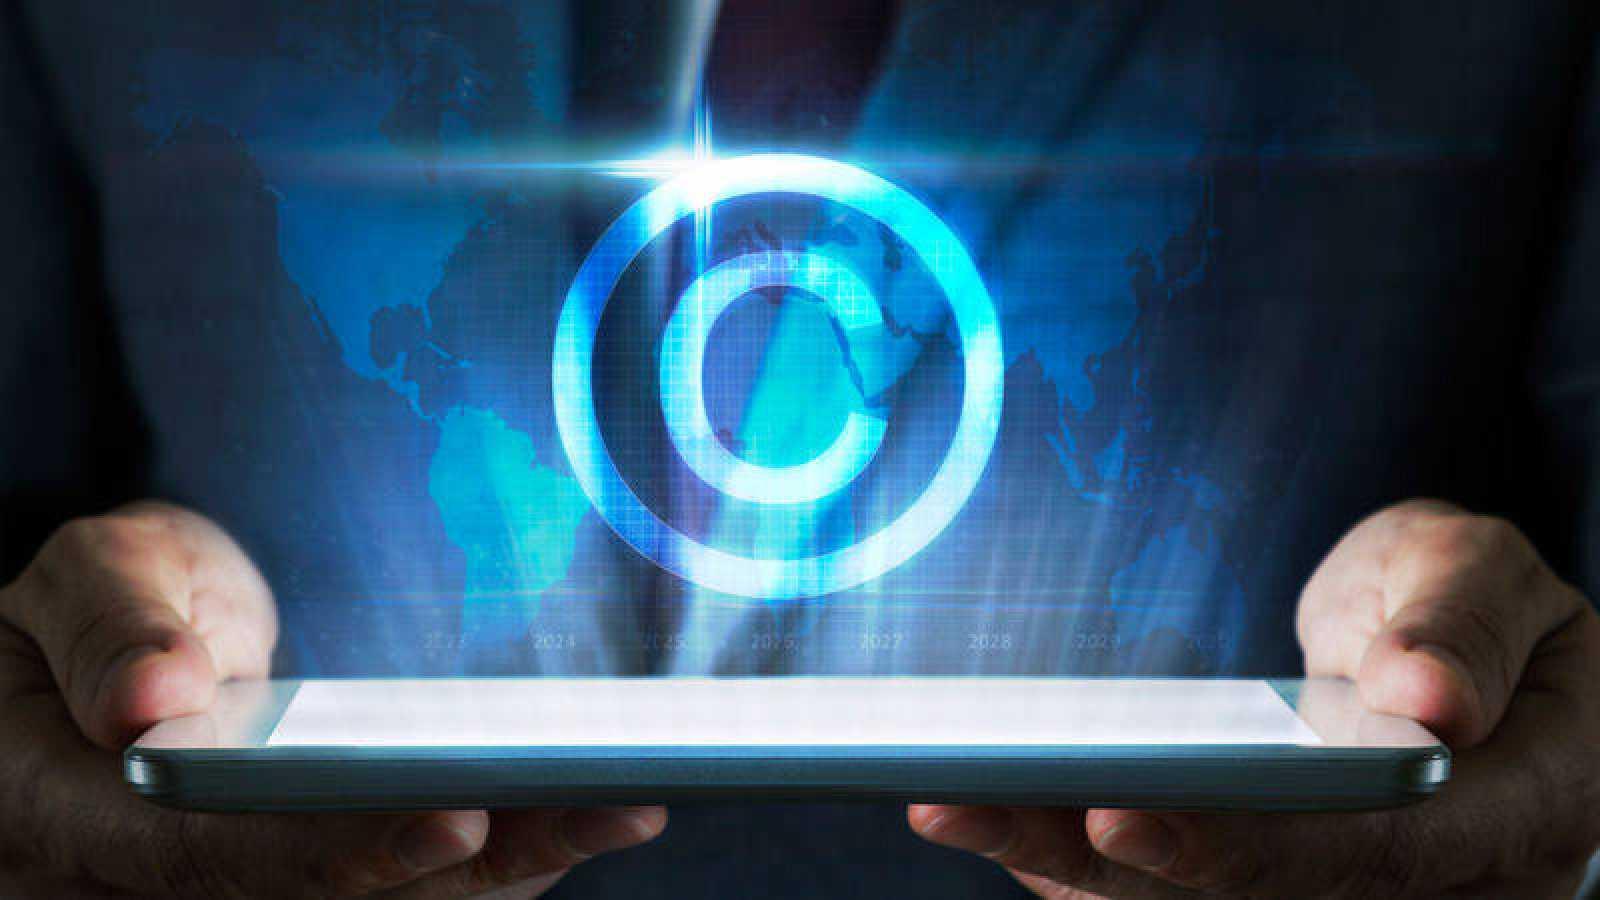 Símbolo de los derechos de autor o 'copyright' sobre un dispositivo electrónico